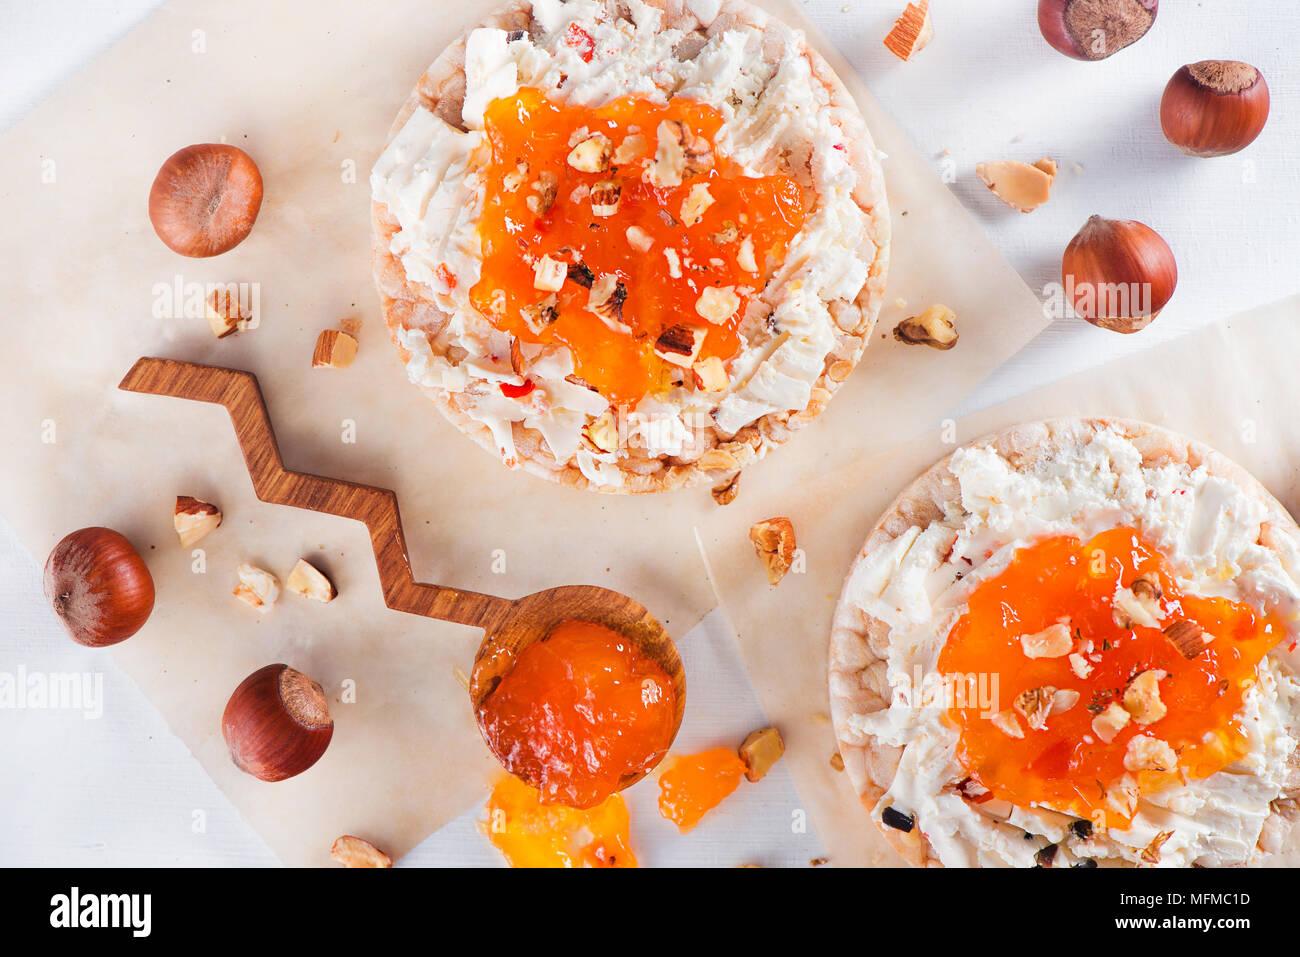 Pain croustillant snack avec fromage Feta, confiture d'abricot et noisettes. Petit-déjeuner facile gros plan sur un fond blanc avec l'exemplaire de l'espace. Photo Stock